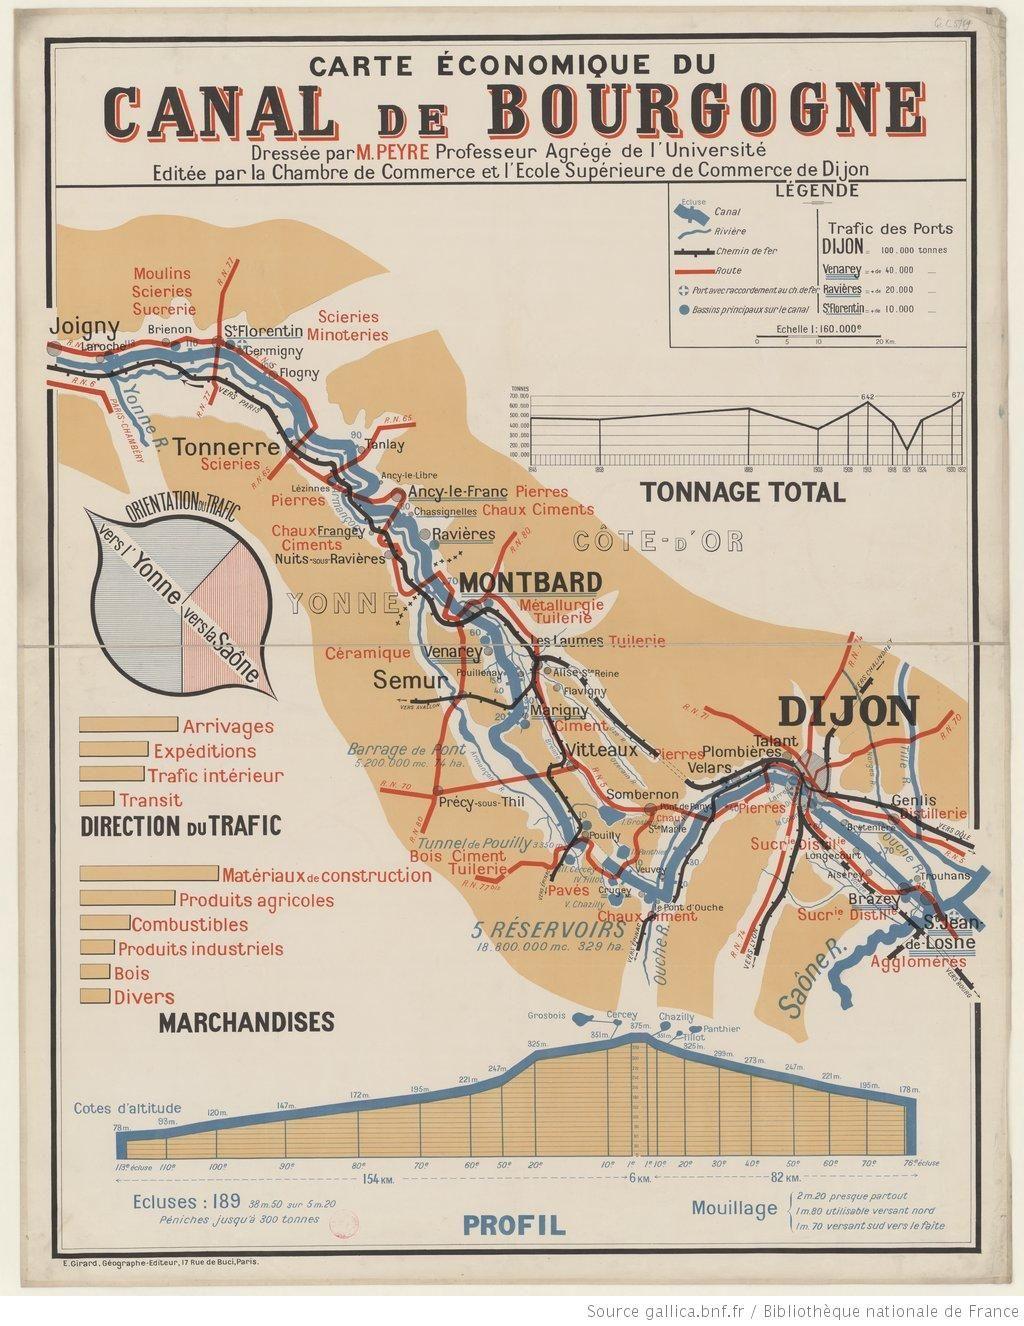 Carte conomique du canal de bourgogne dress e par m for Chambre de commerce du morbihan